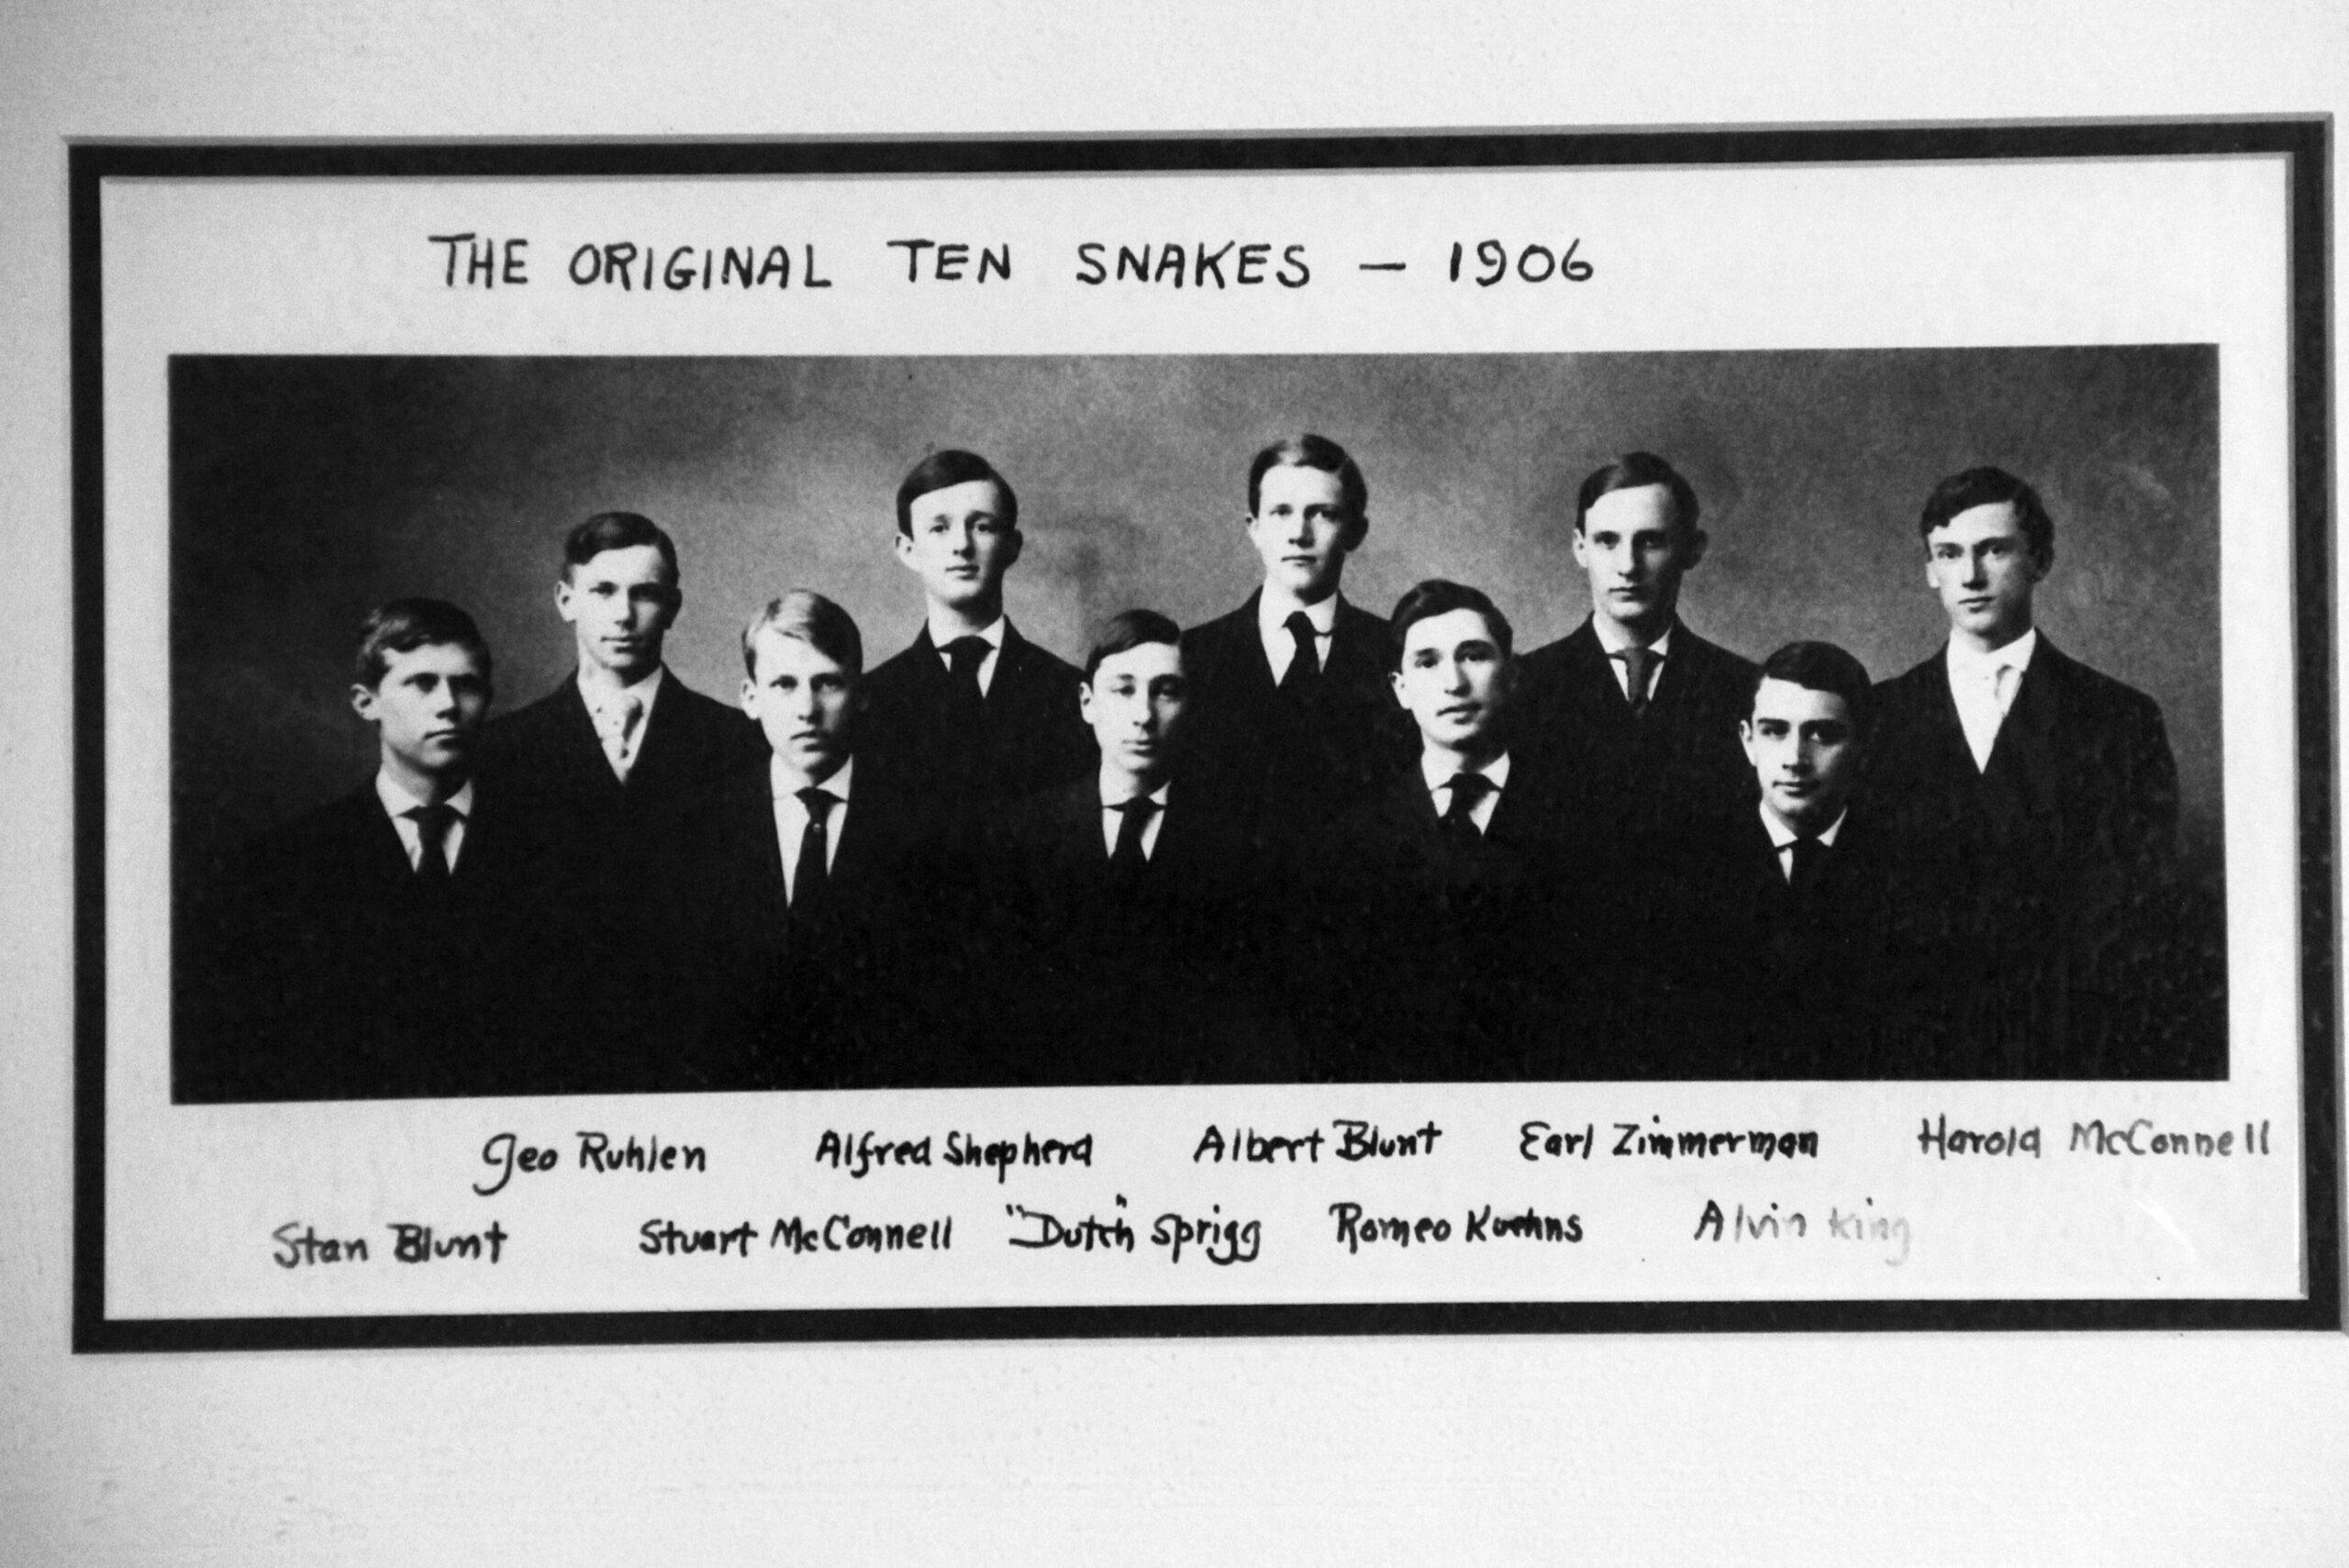 The original members of Seal and Serpent in 1906.